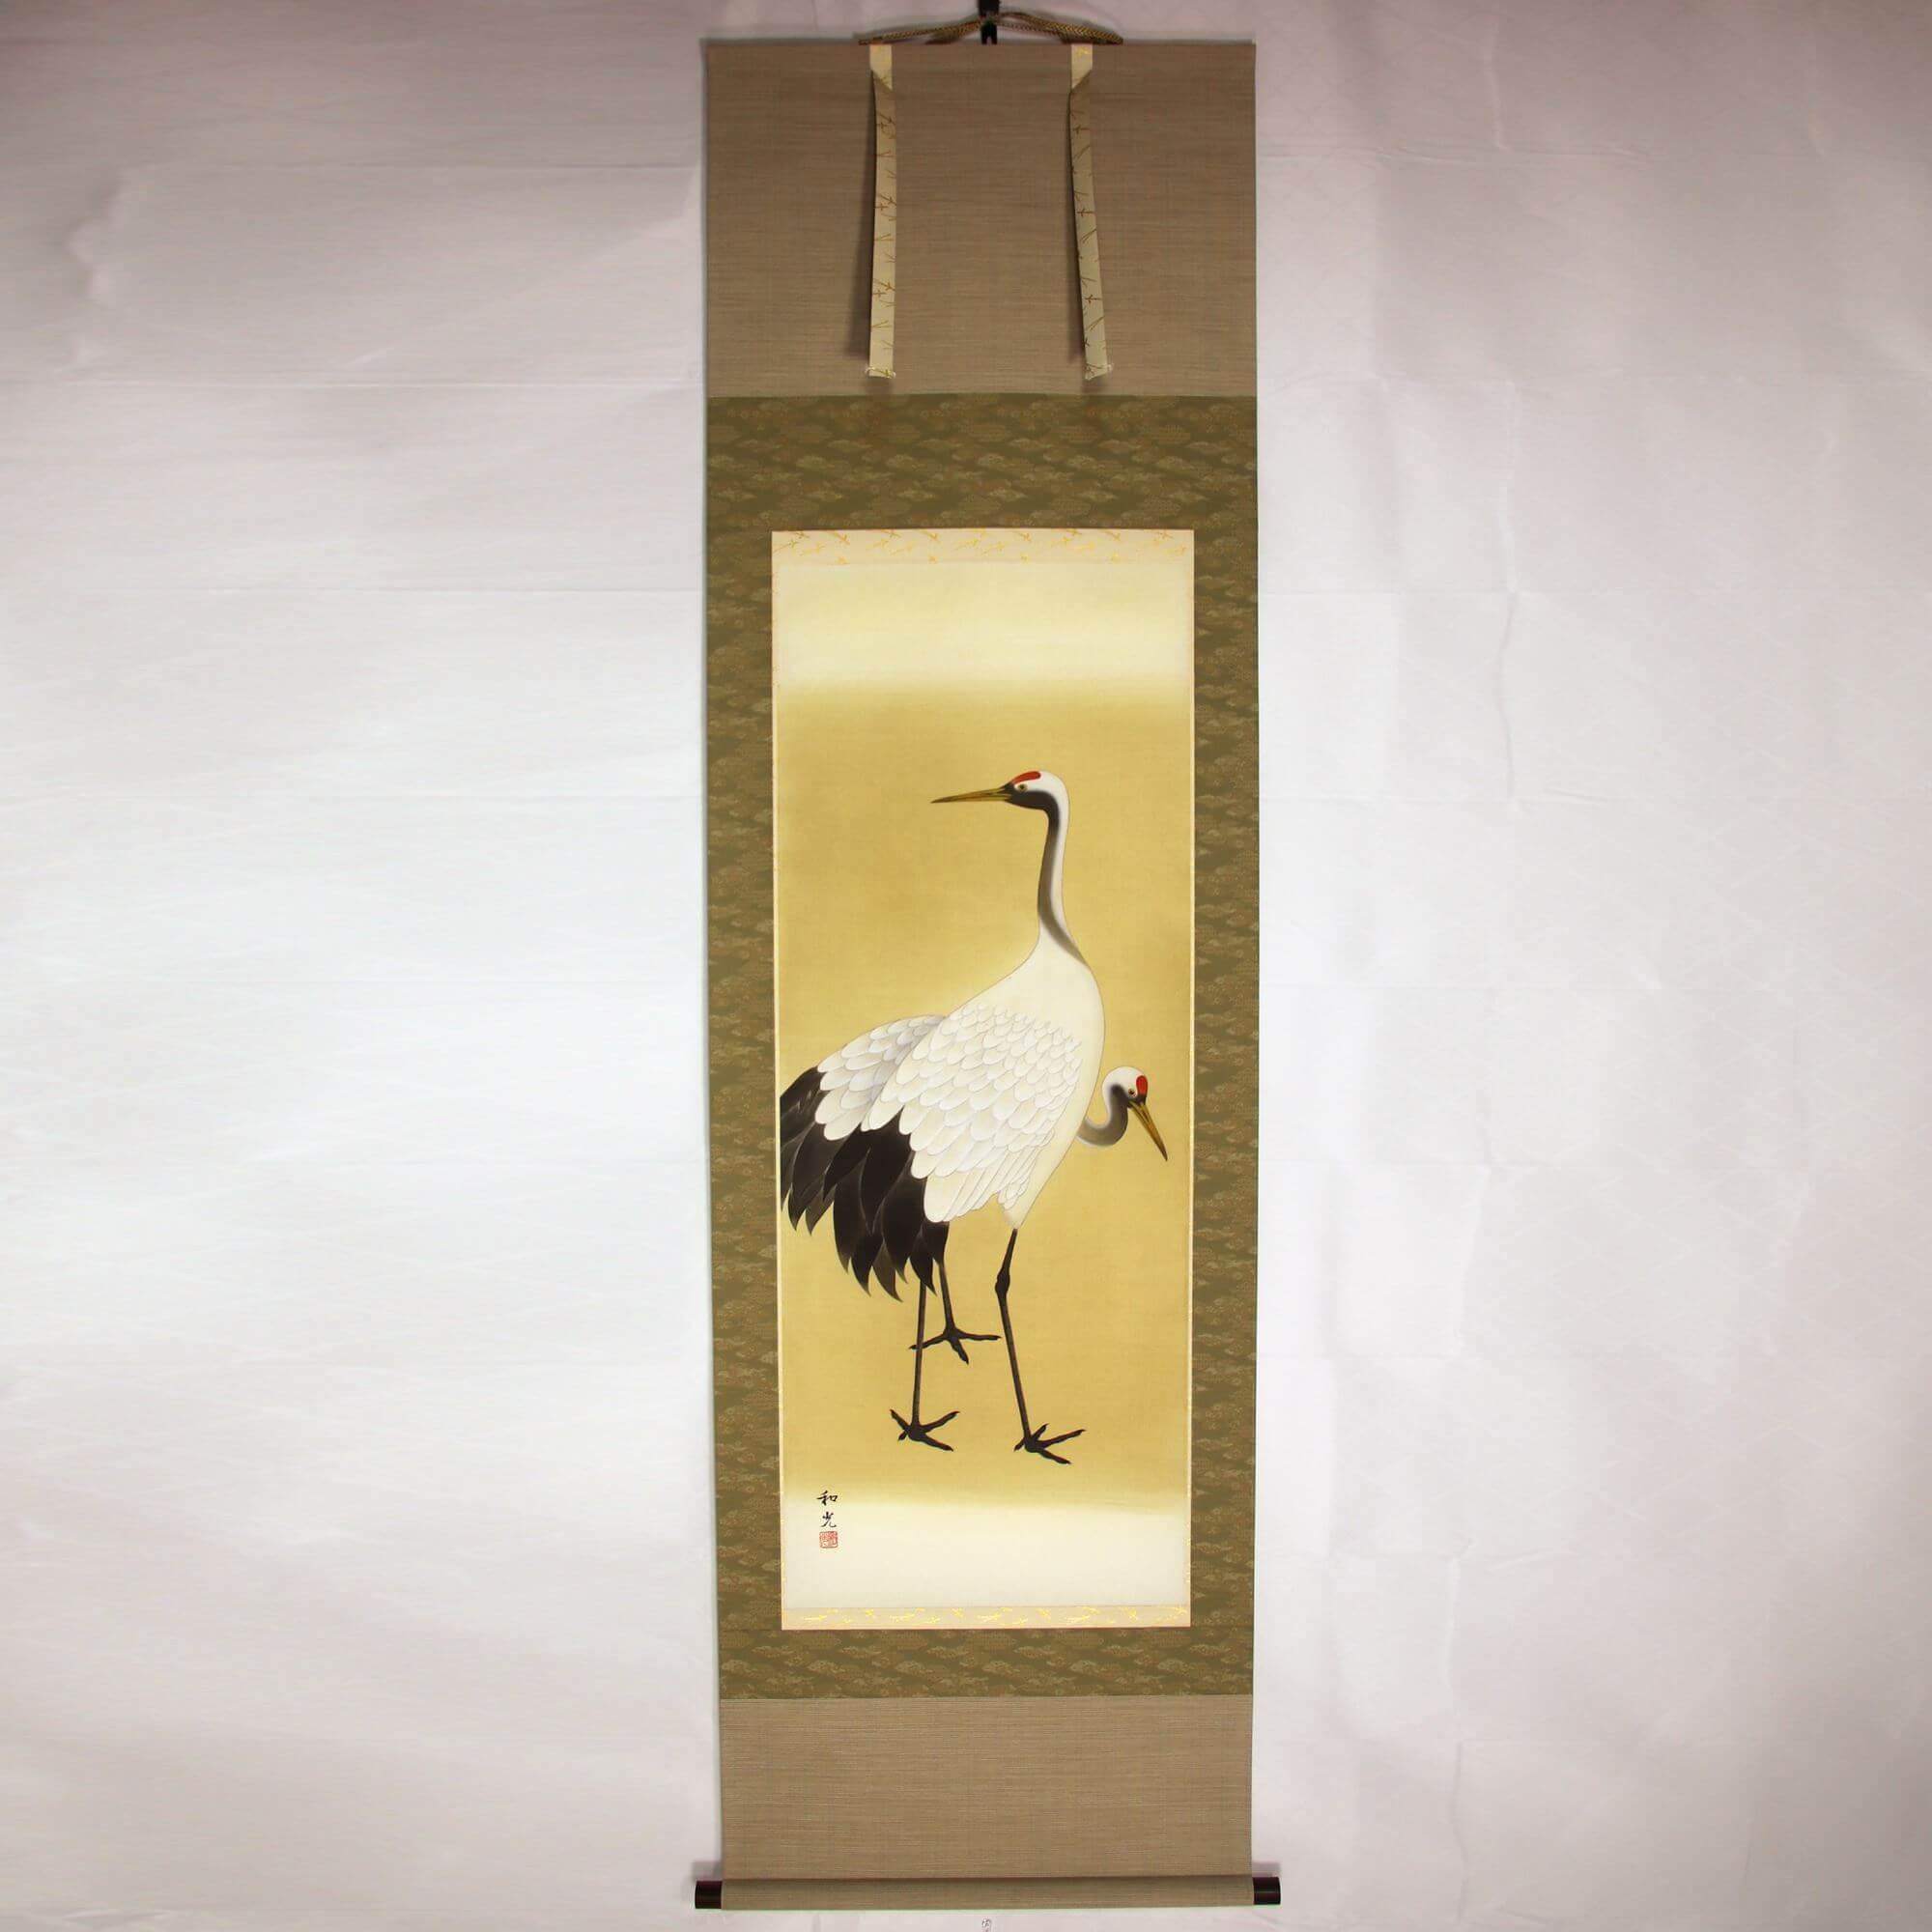 A Pair of Cranes / Wakou Miyake